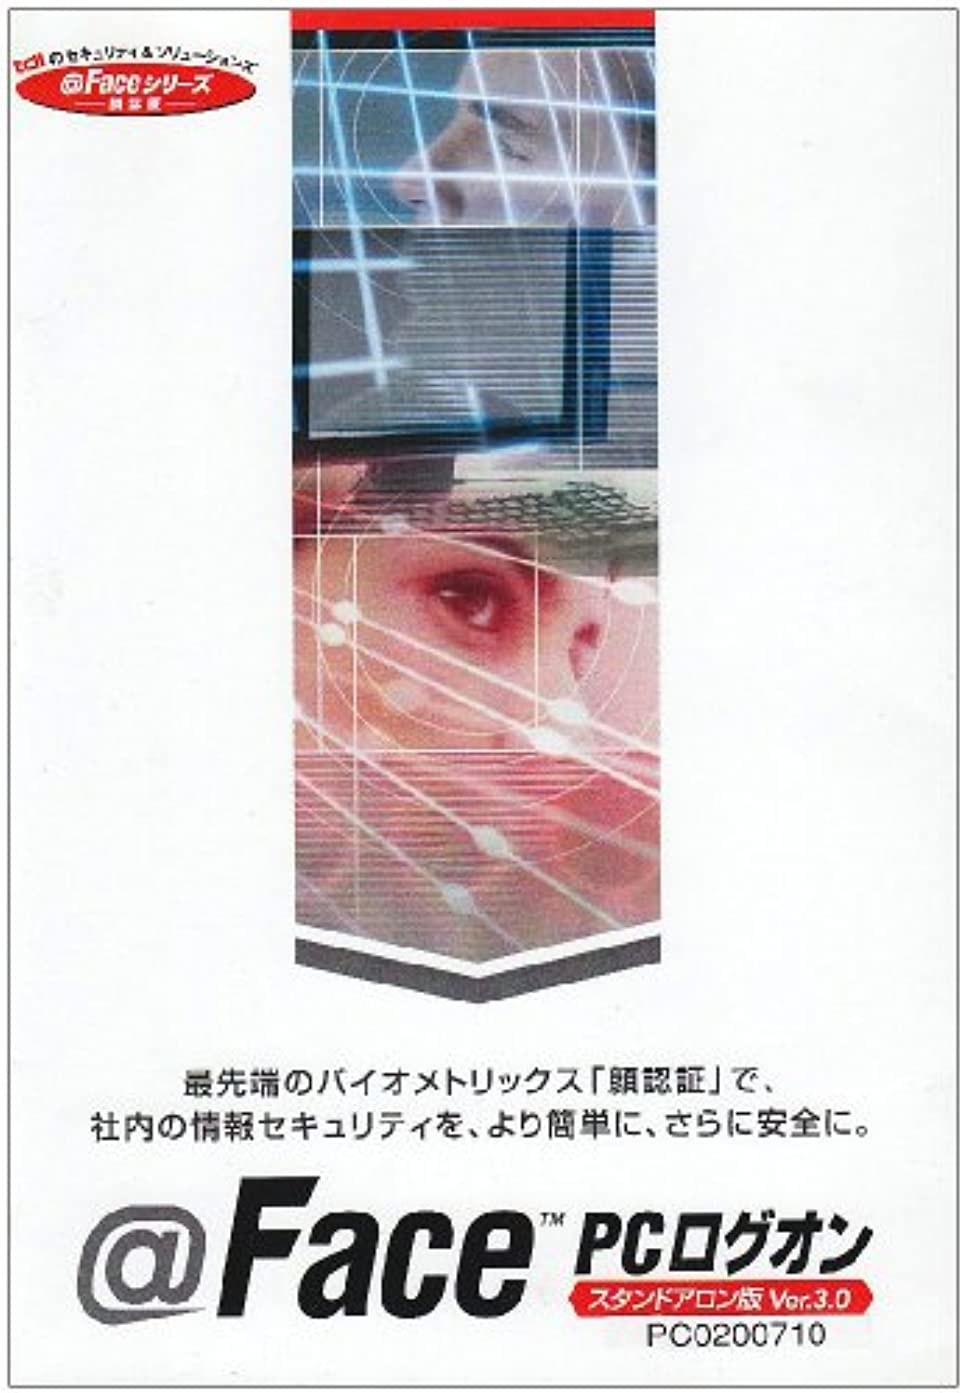 寛大さテンションフォアタイプ@Face PCログオン スタンドアロン版 Ver.3.0